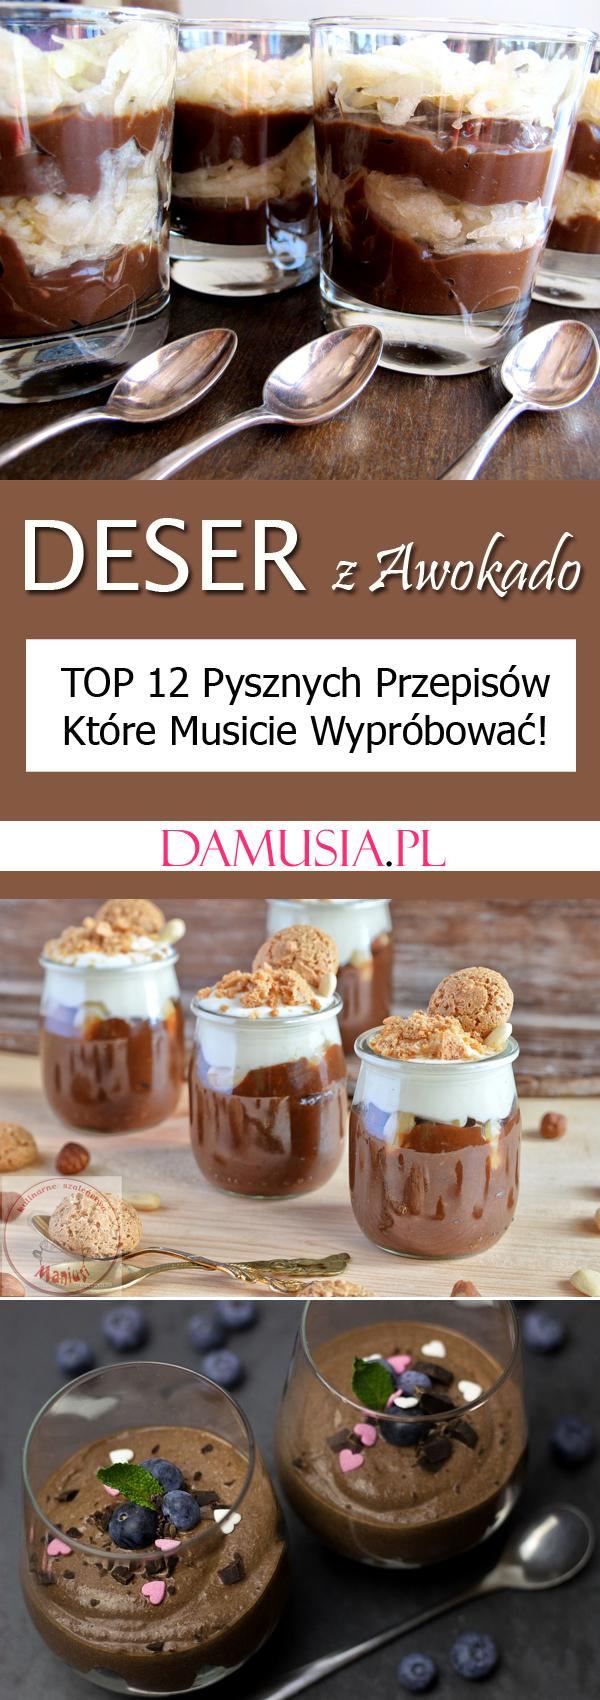 Deser Z Awokado Top 12 Przepisow Ktore Musicie Wyprobowac